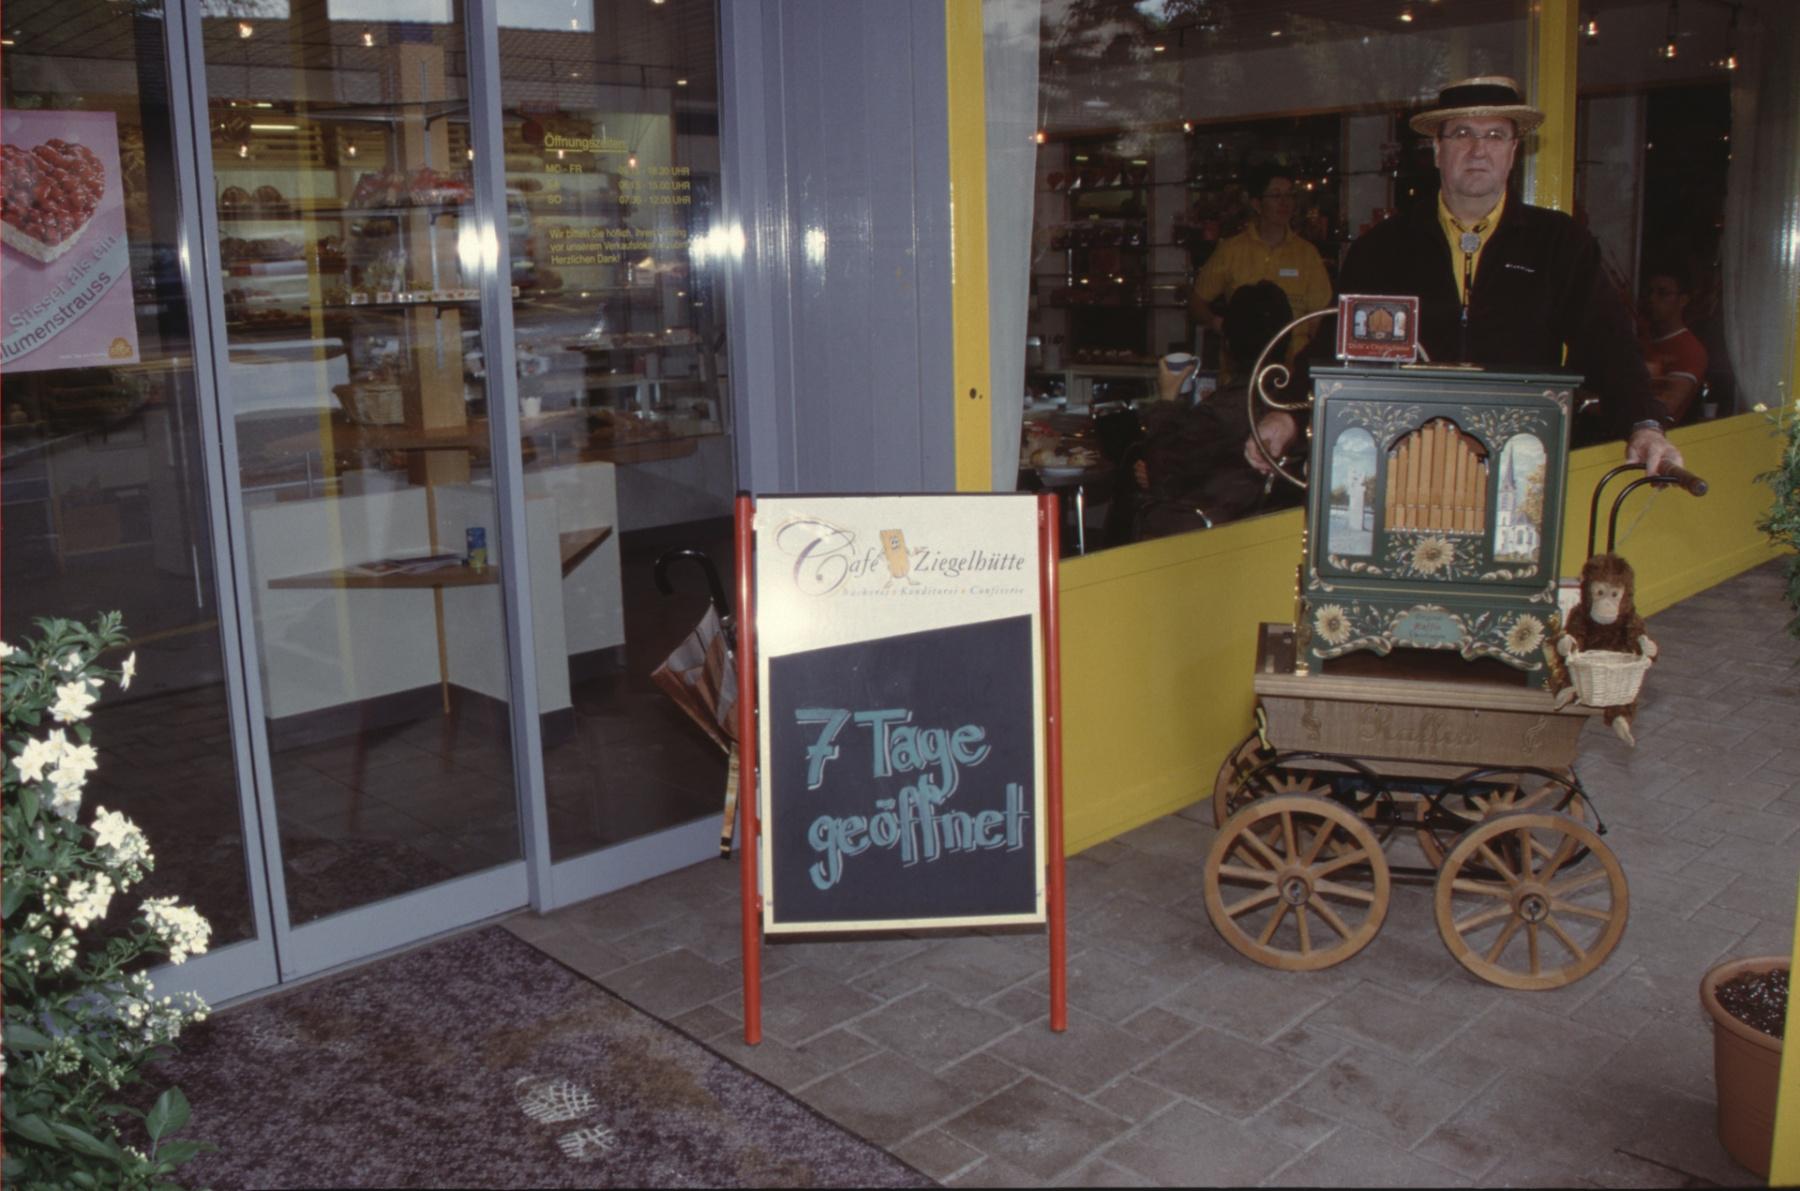 Eröffnung Konditorei Café, Bäckerei Ziegelhütte (Eingang)